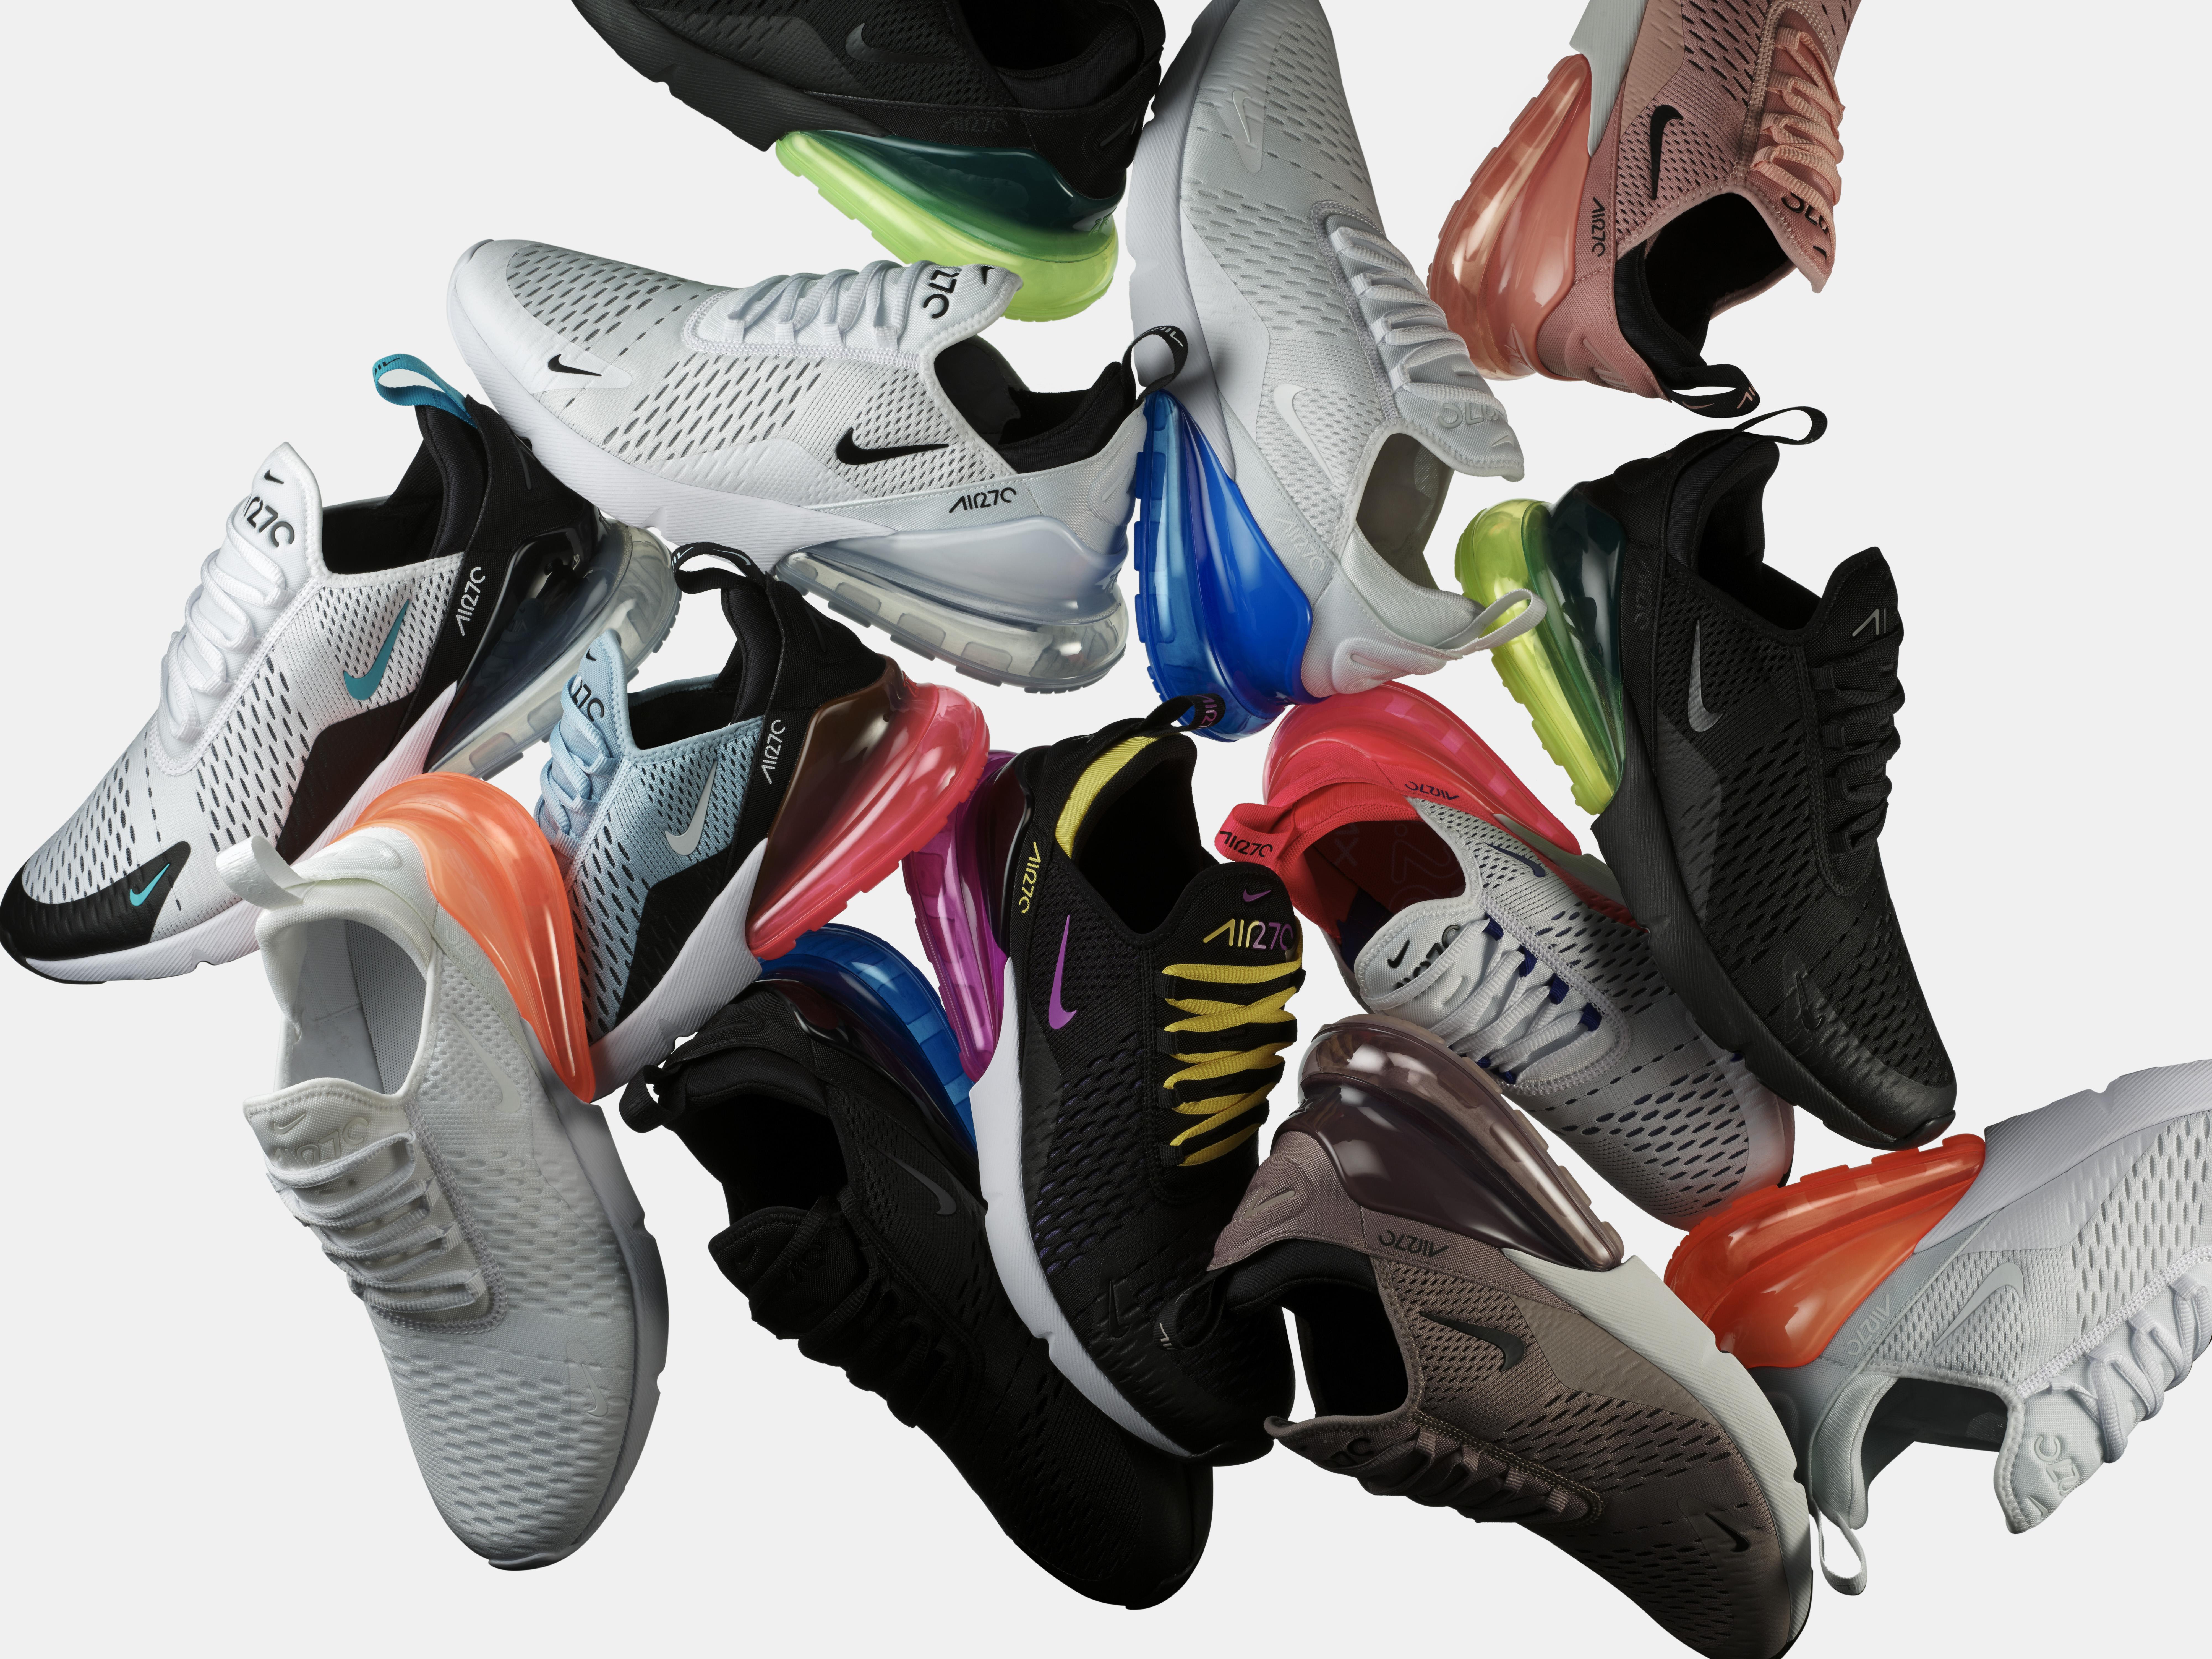 promo code 09ae5 d79c6 Air Max 270. Nike